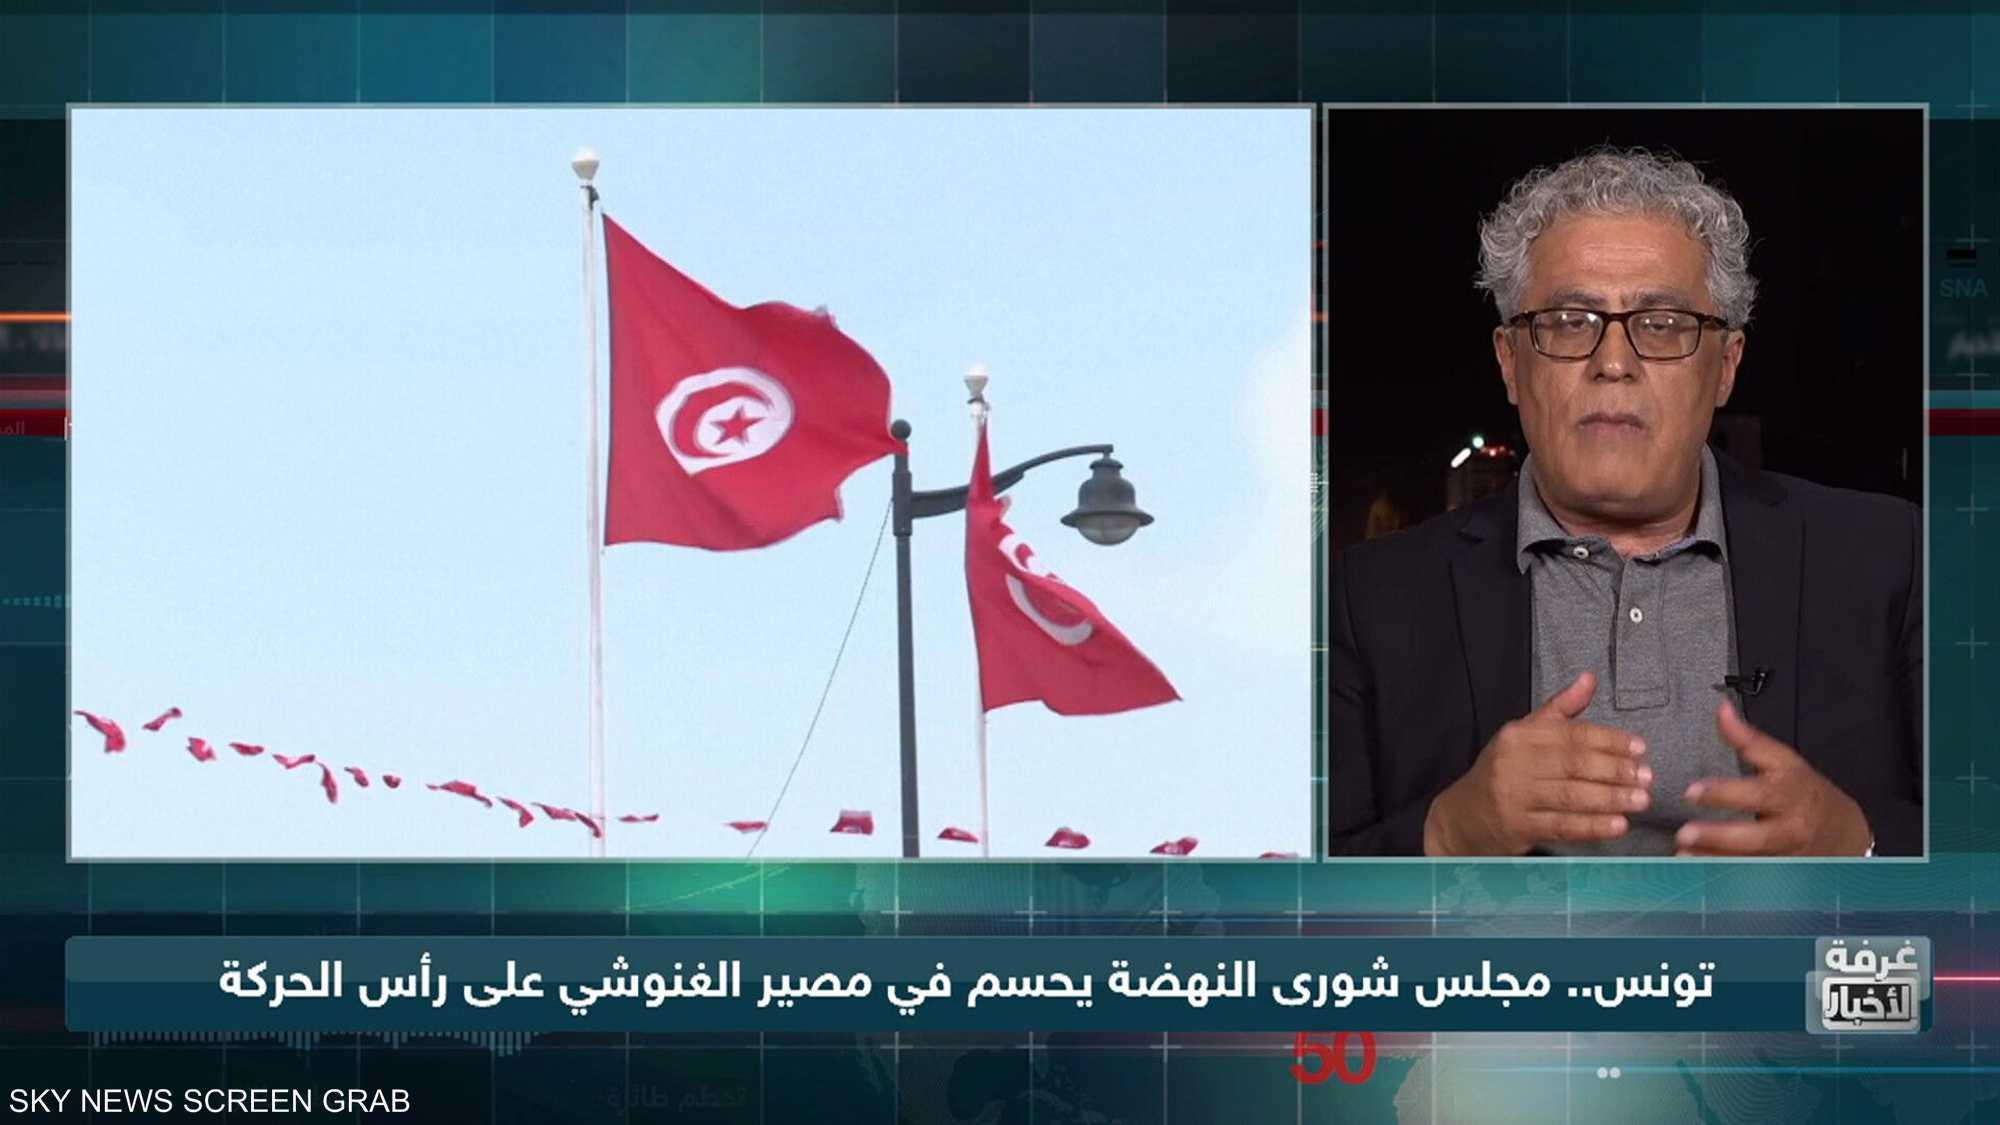 حركة النهضة التونسيّة.. خلافات البيت الواحد